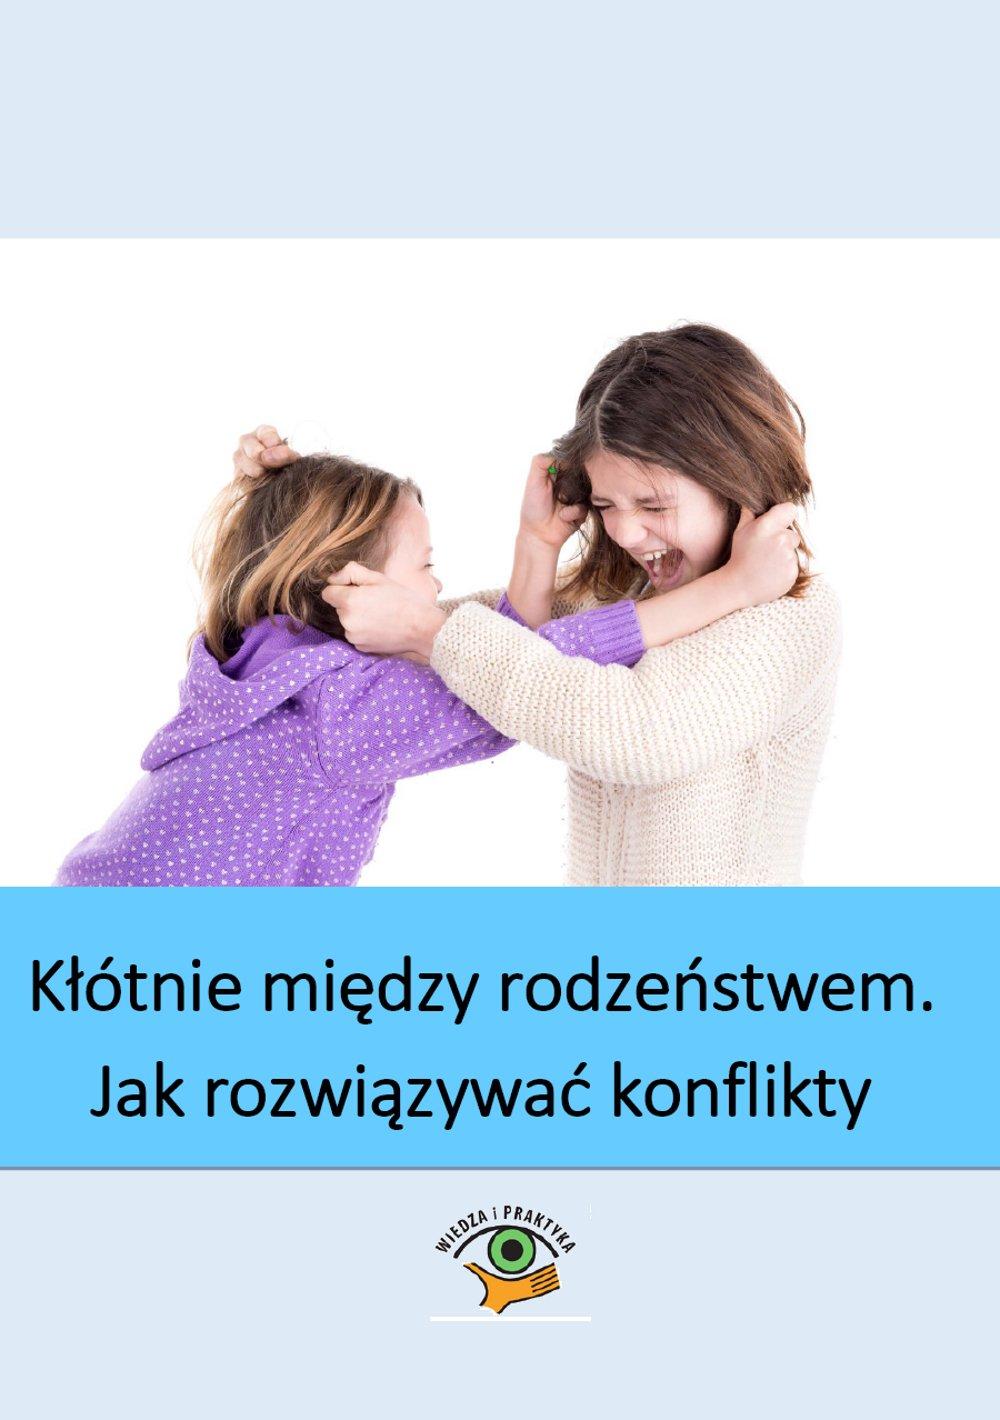 Kłótnie między rodzeństwem - jak rozwiązywać konflikty domowe - Ebook (Książka PDF) do pobrania w formacie PDF